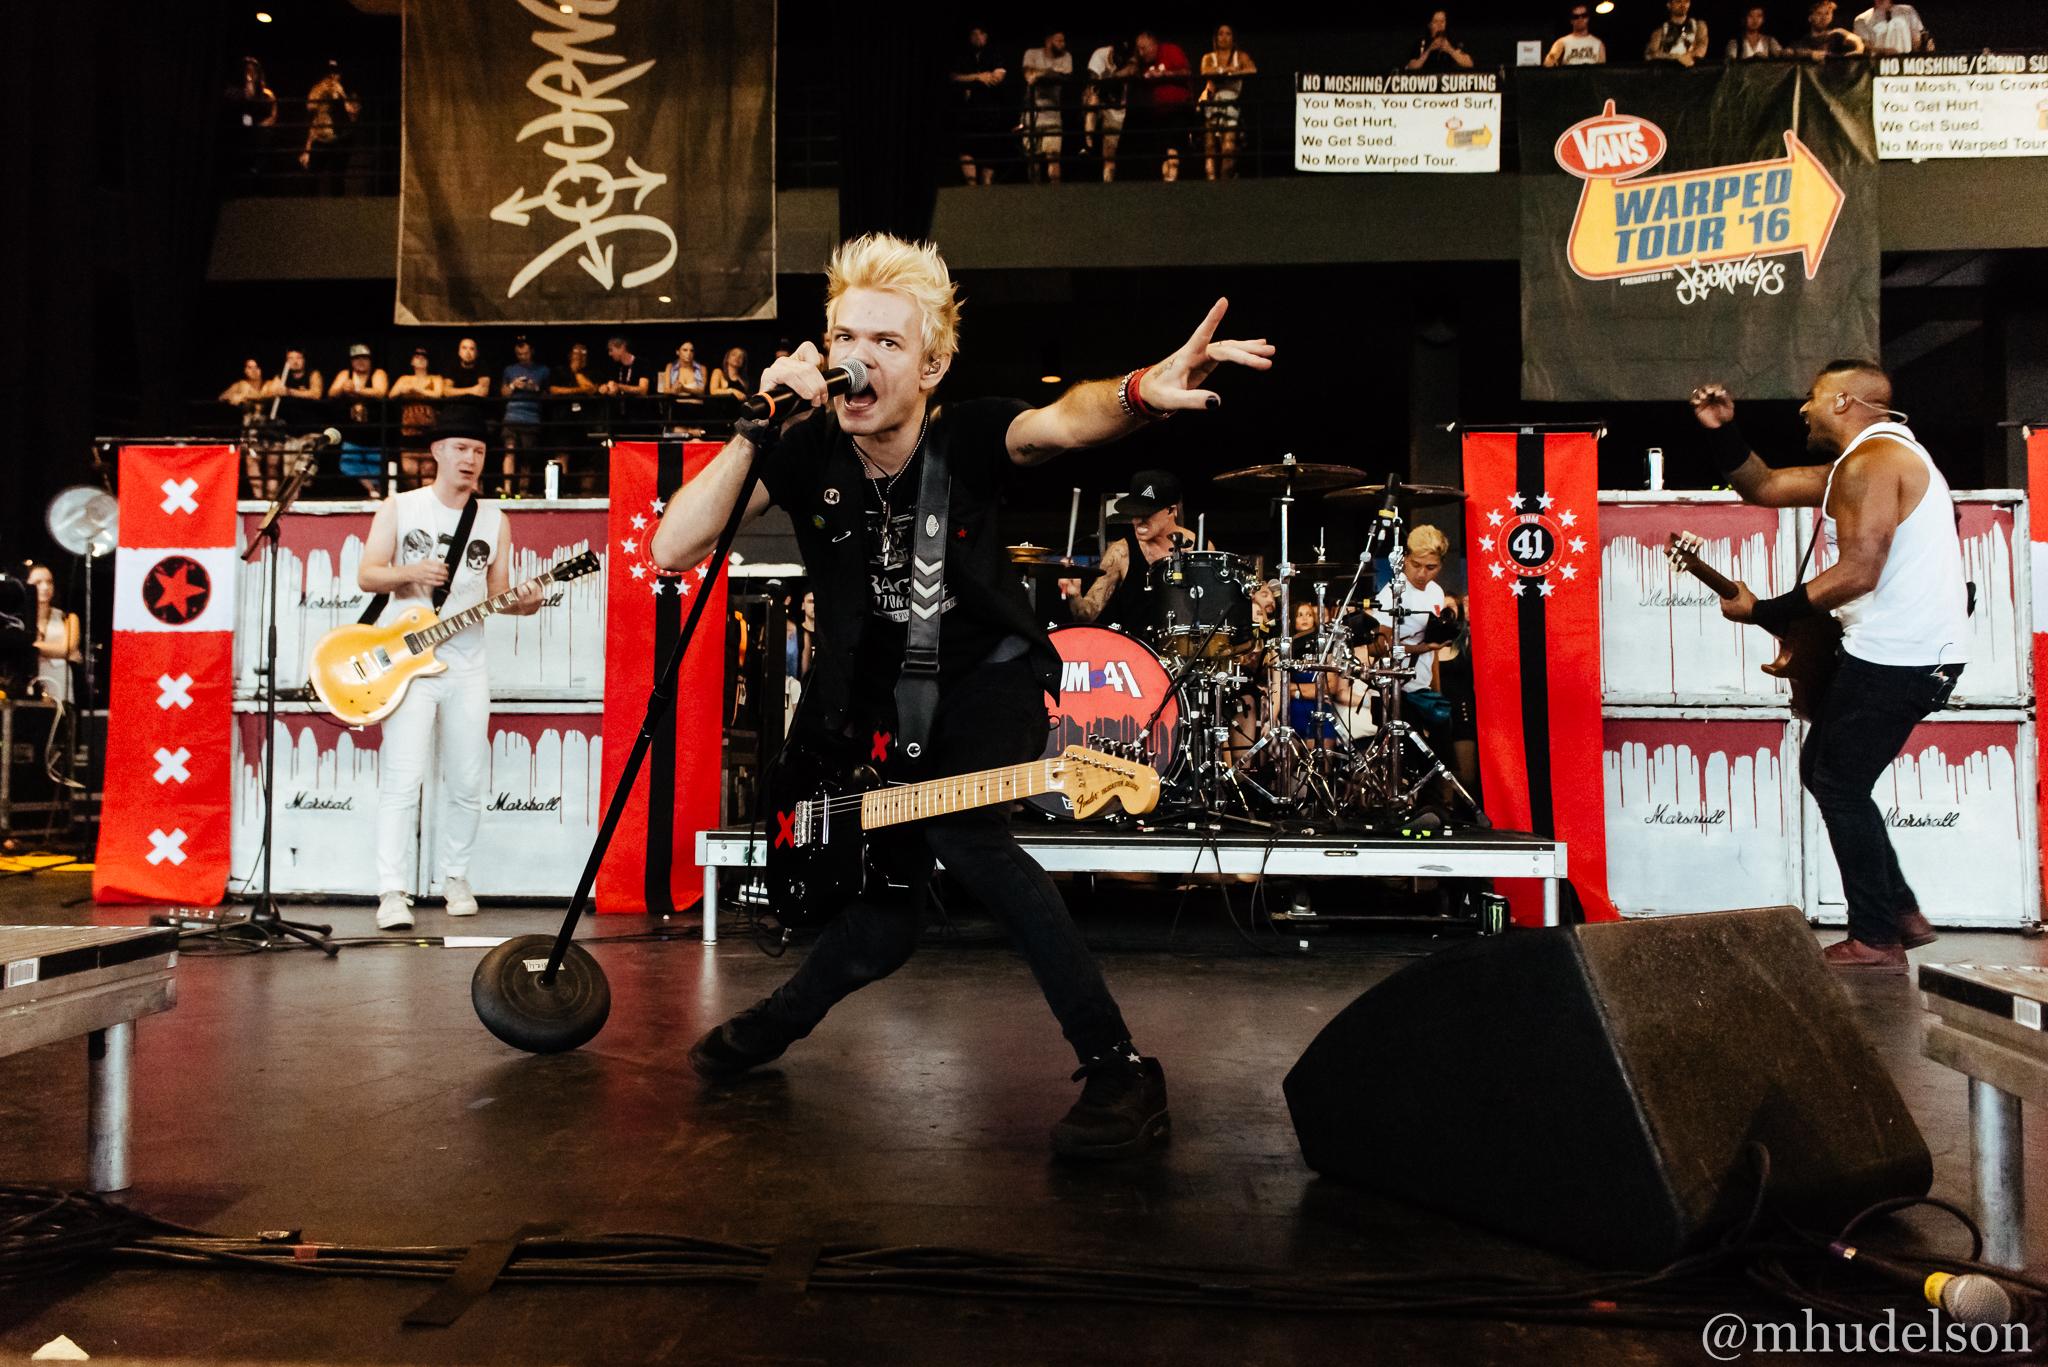 Sum 41 / 7/26/16 / Vans Warped Tour / Milwaukee, WI